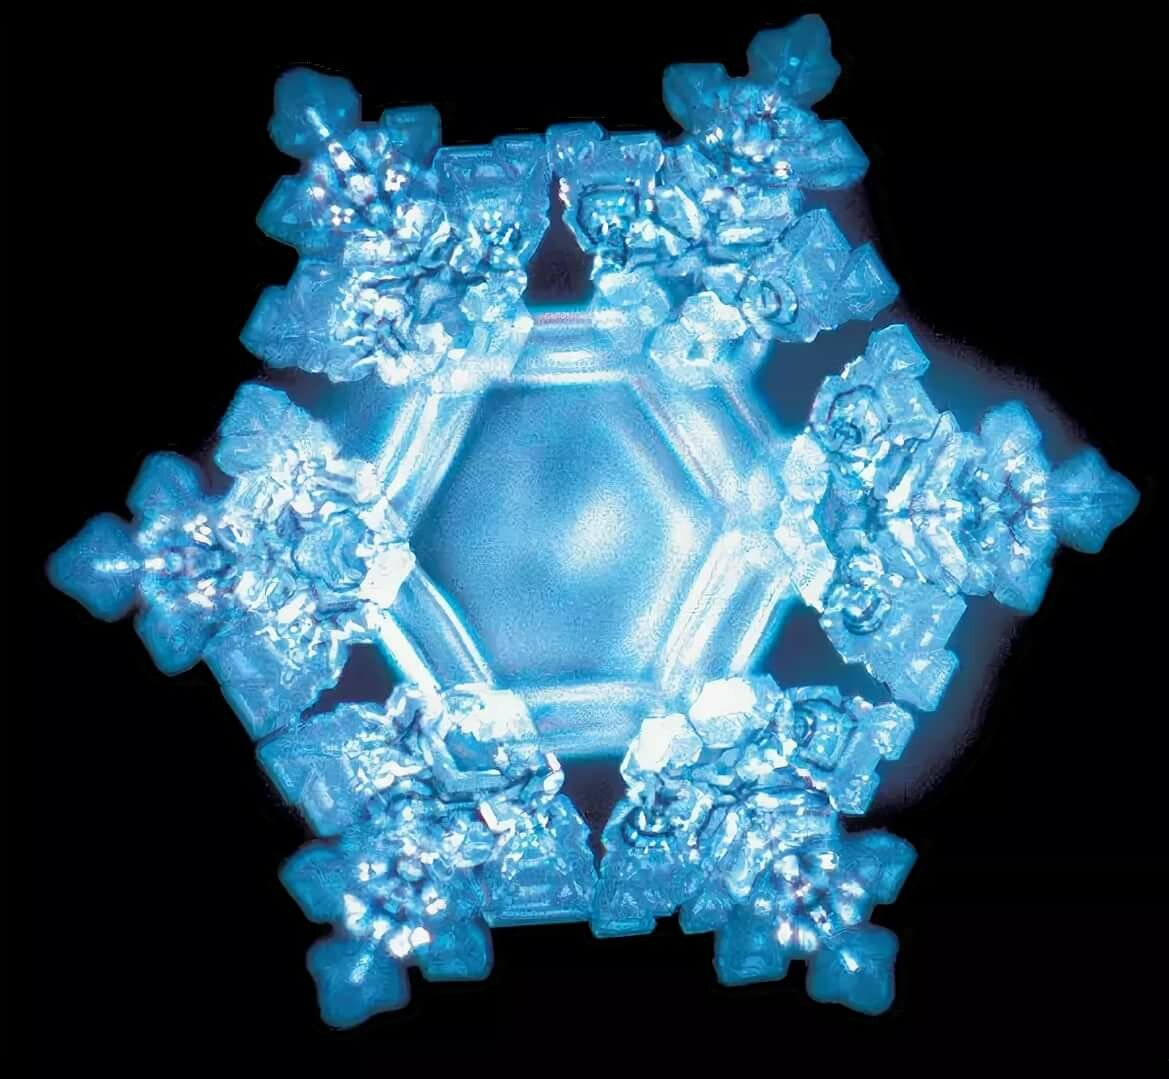 картинки кристалликов воды нас осе хорошая